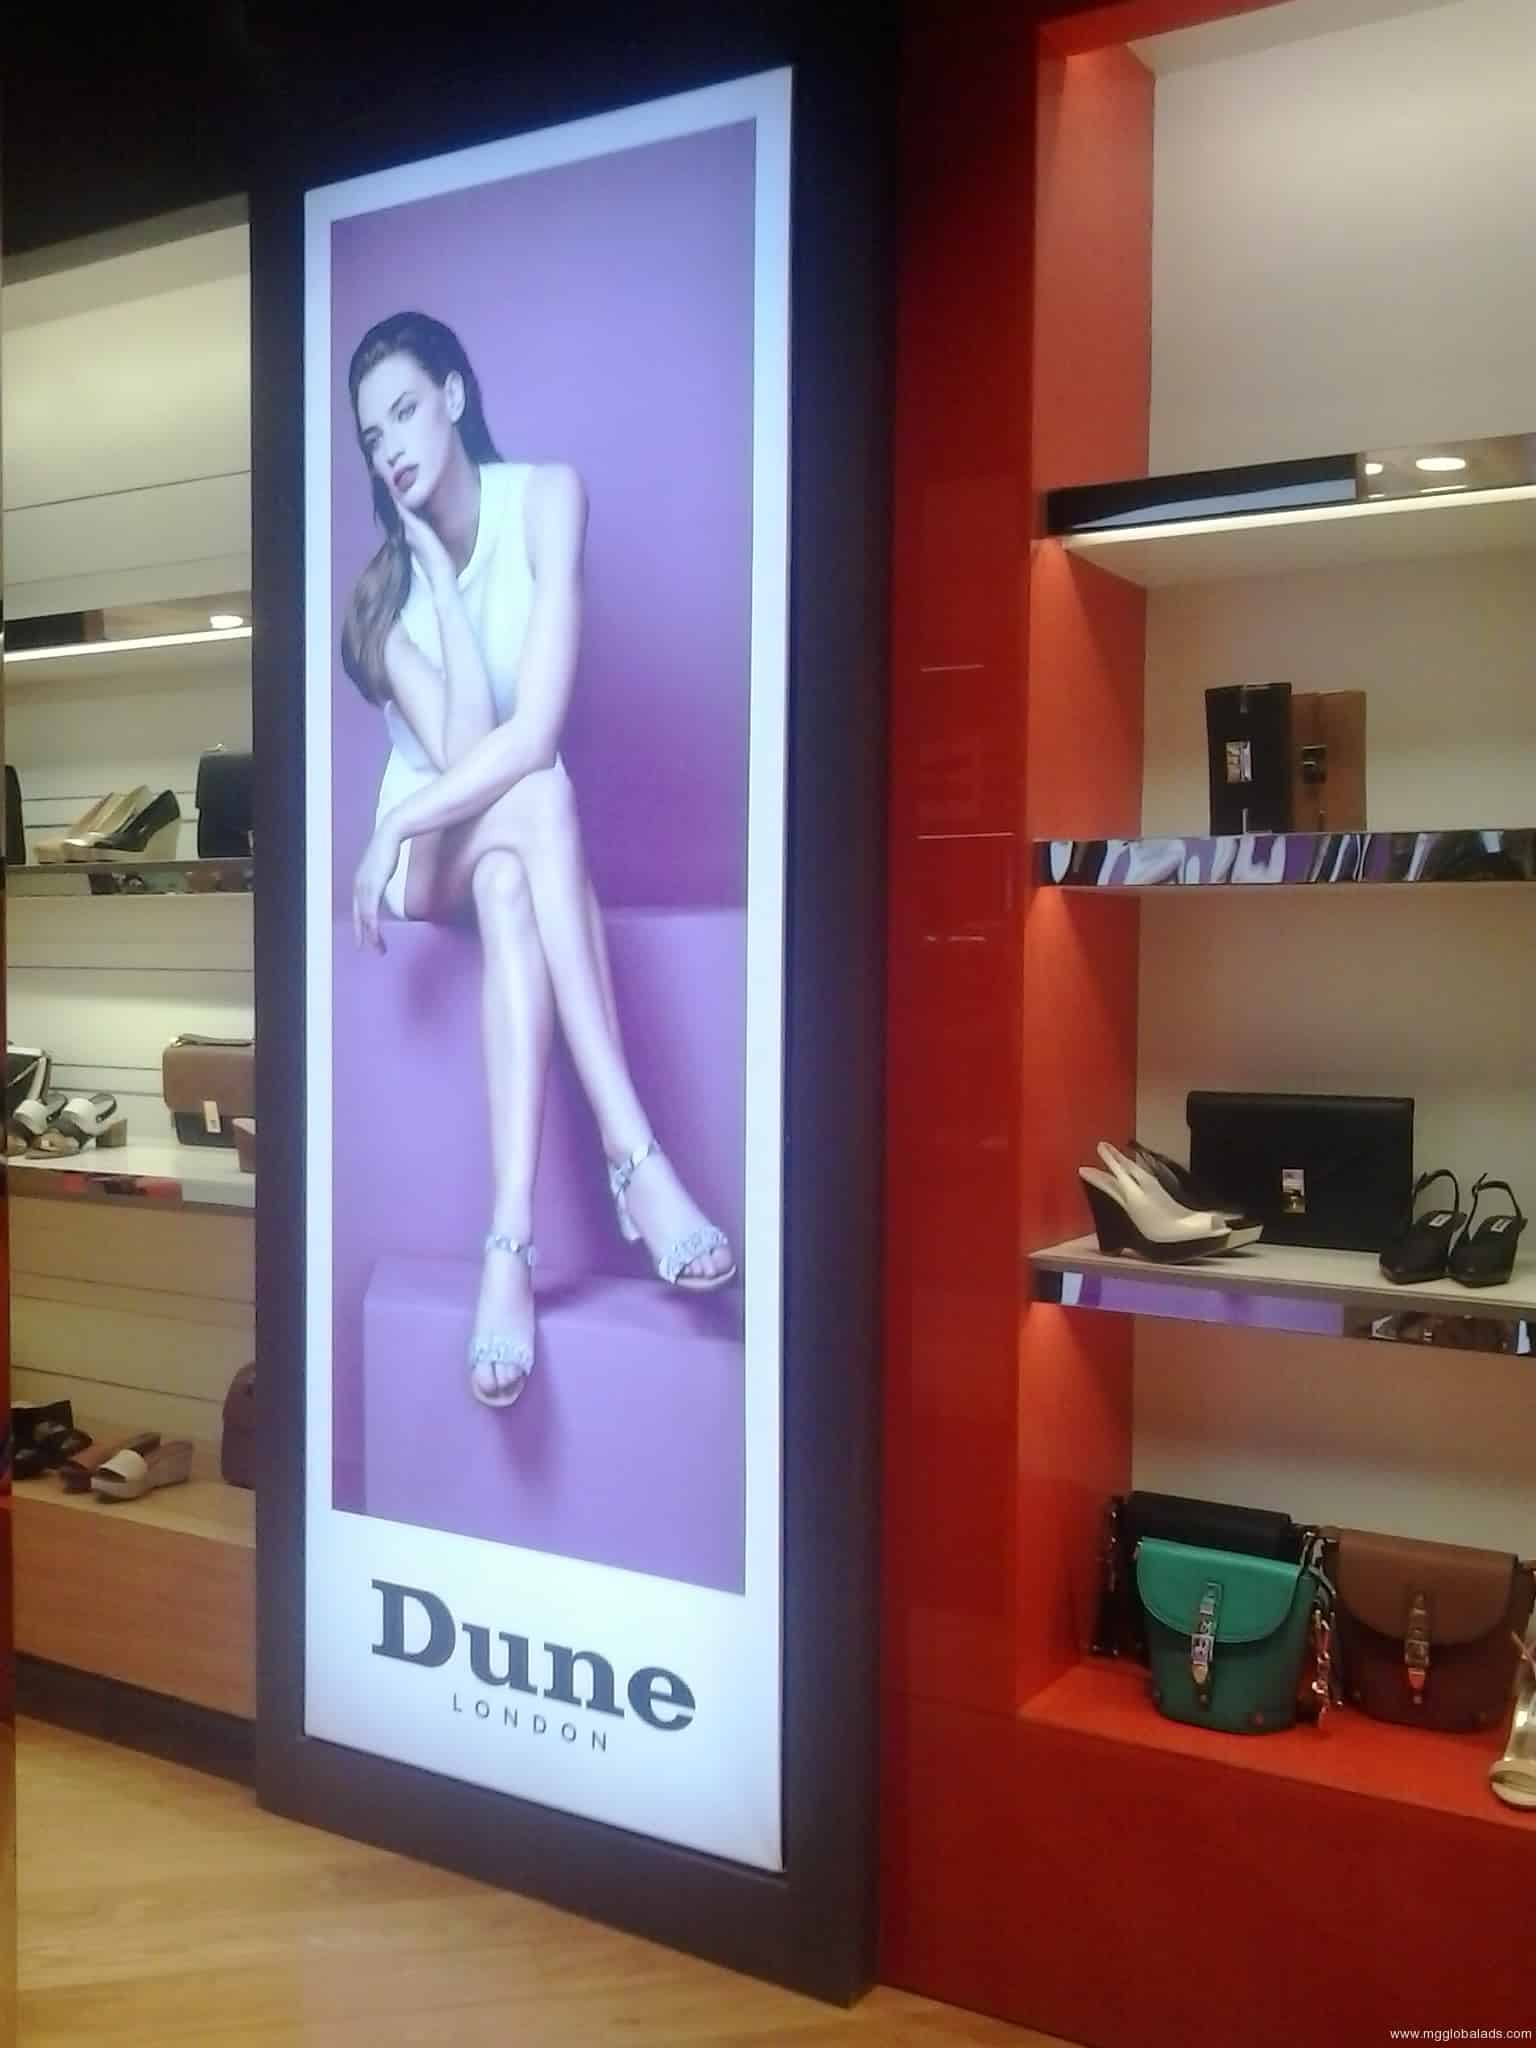 dune lightbox| Acrylic Signage |lightboxes